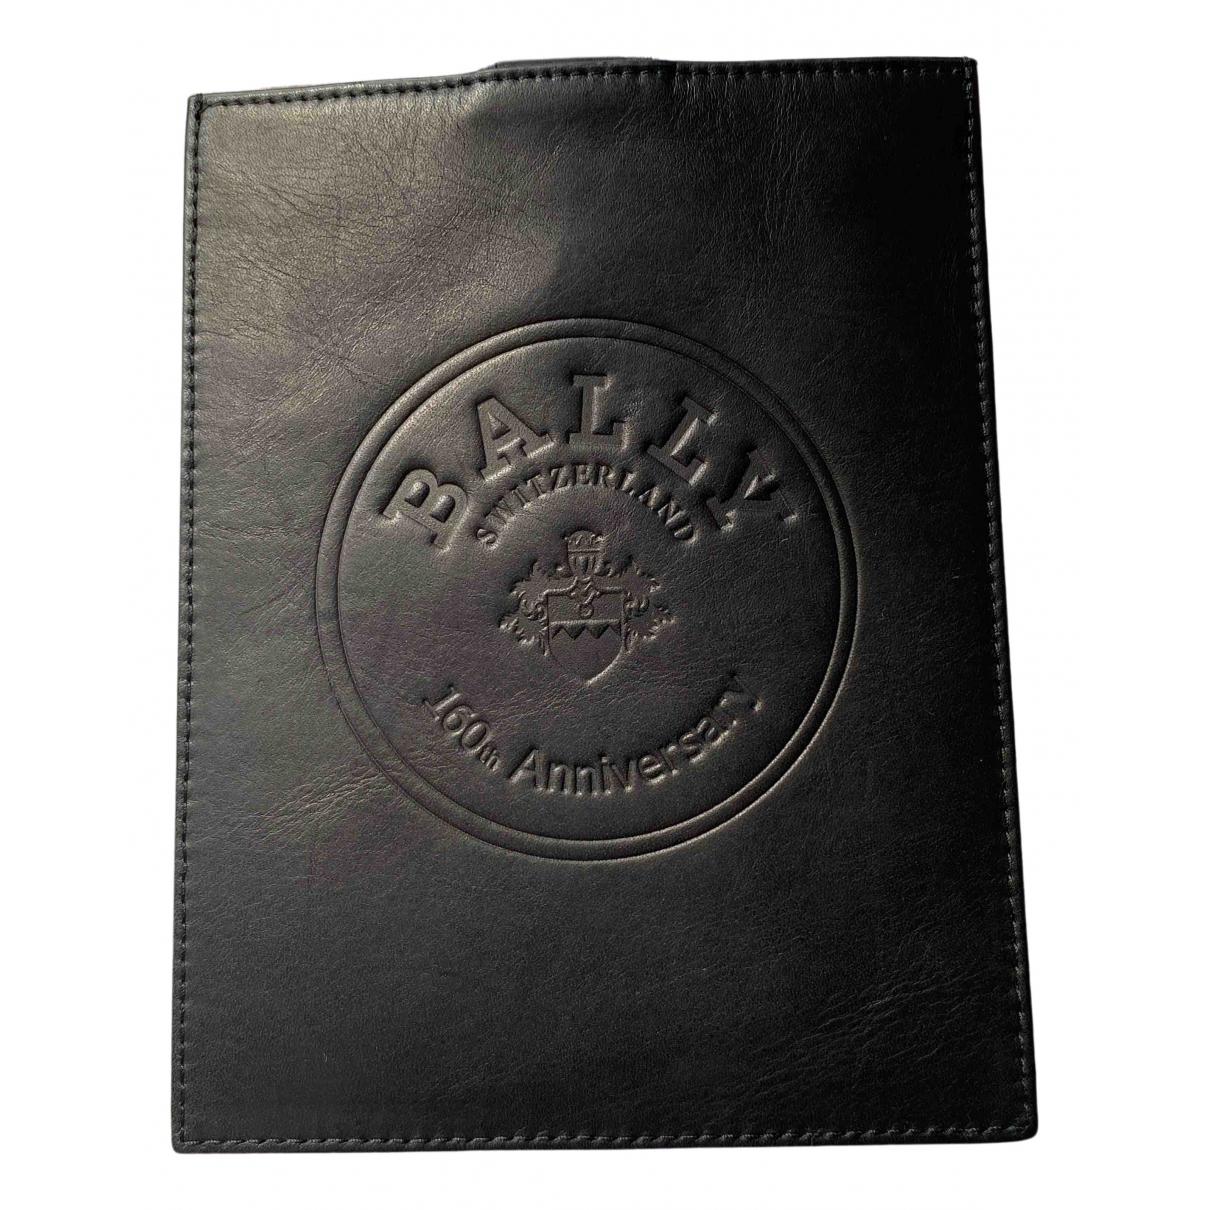 Bally - Accessoires   pour lifestyle en cuir - noir